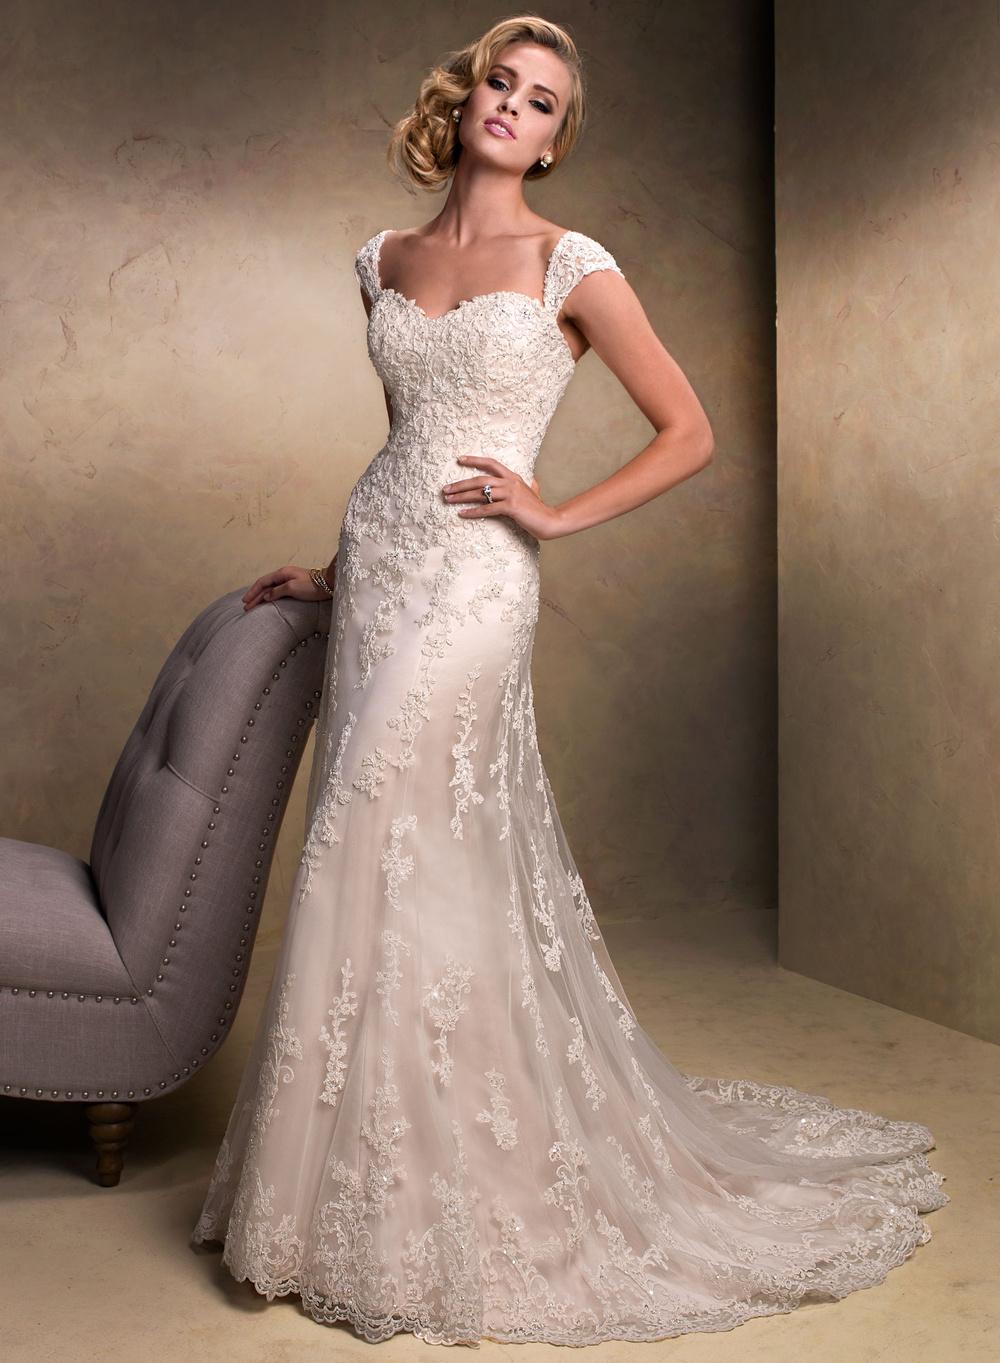 modnye-tendencii-svadebnoj-mody-24